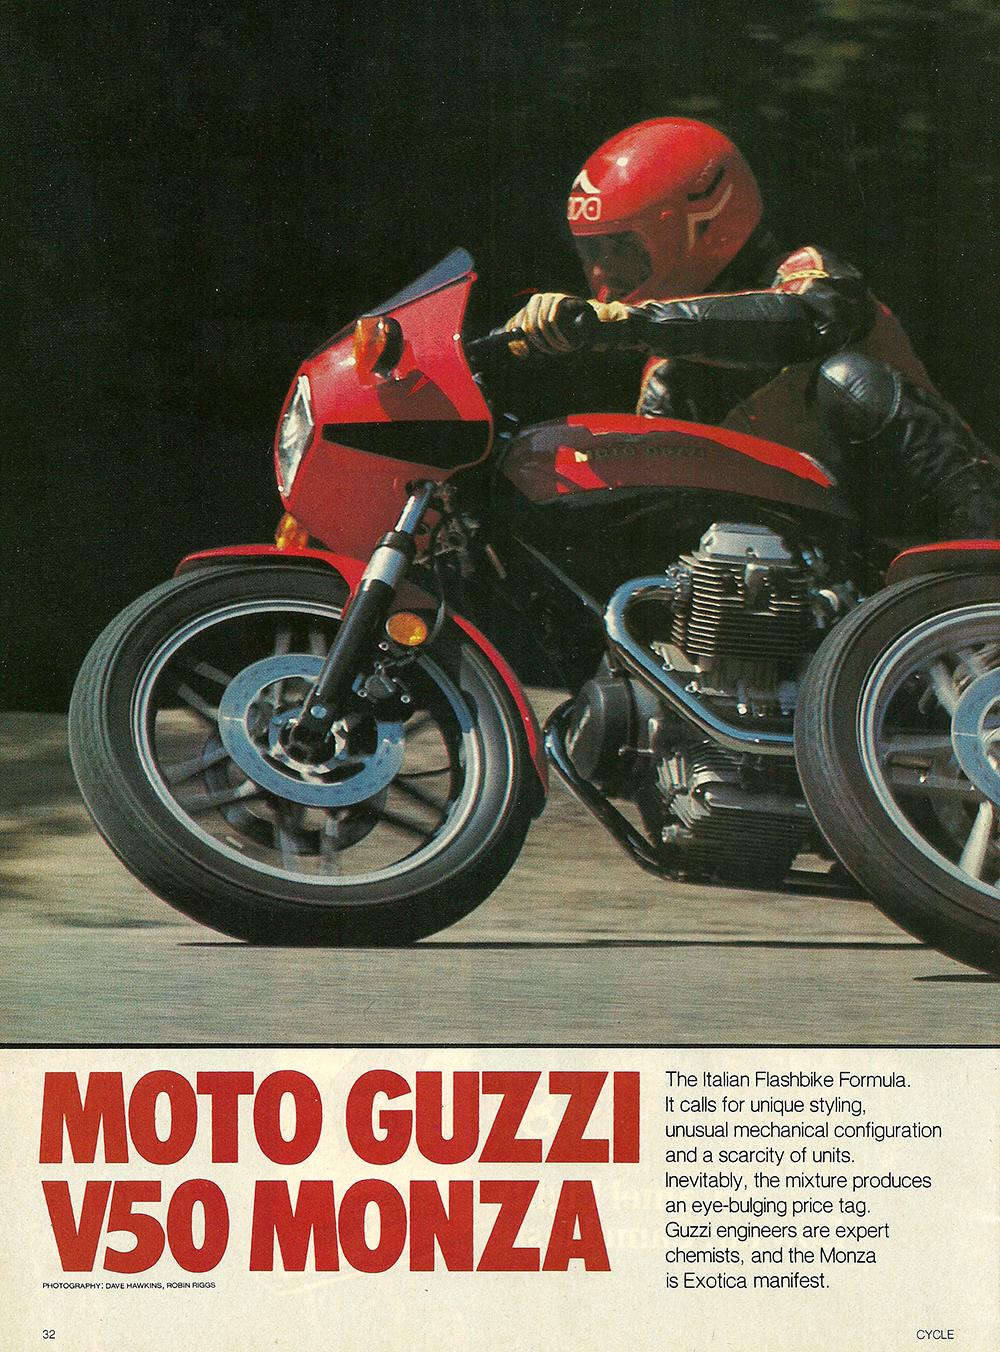 1981 Moto Guzzi V50 Monza road test 01.jpg